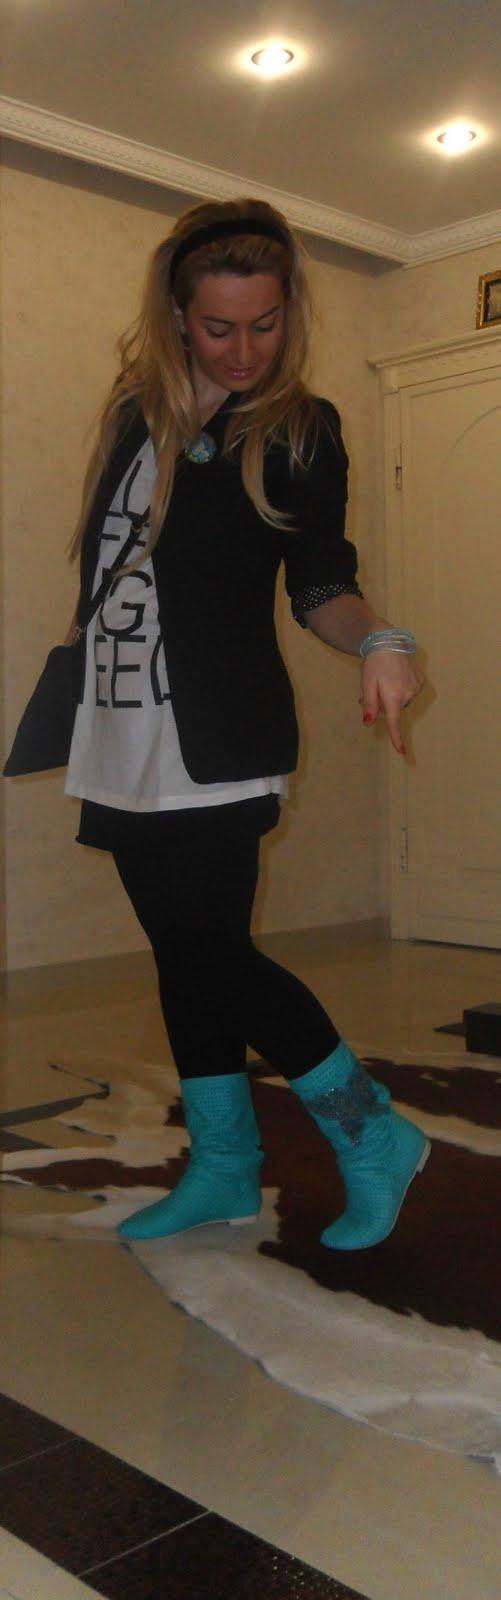 SAM 0433 2 - ♥ Fashion Princess ♥